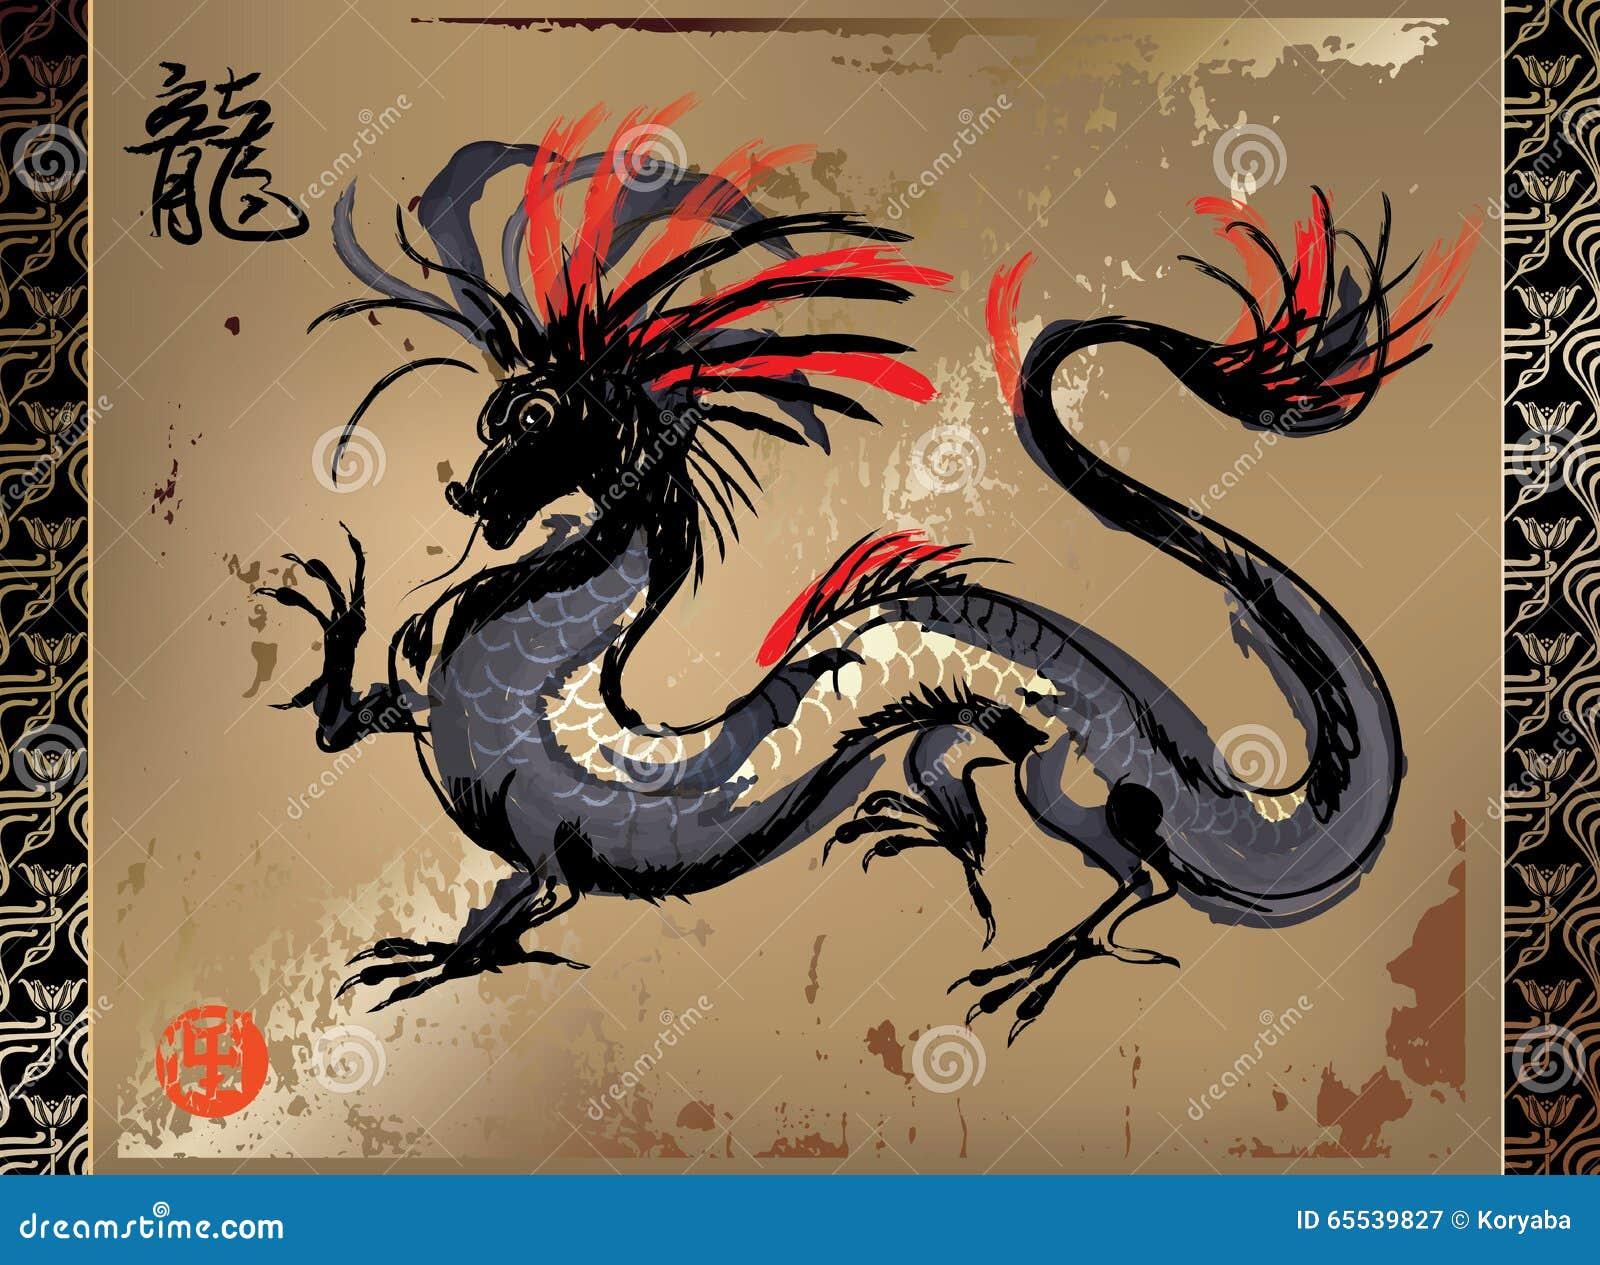 Dessin japonais de dragon illustration de vecteur image 65539827 - Dessin dragon japonais ...